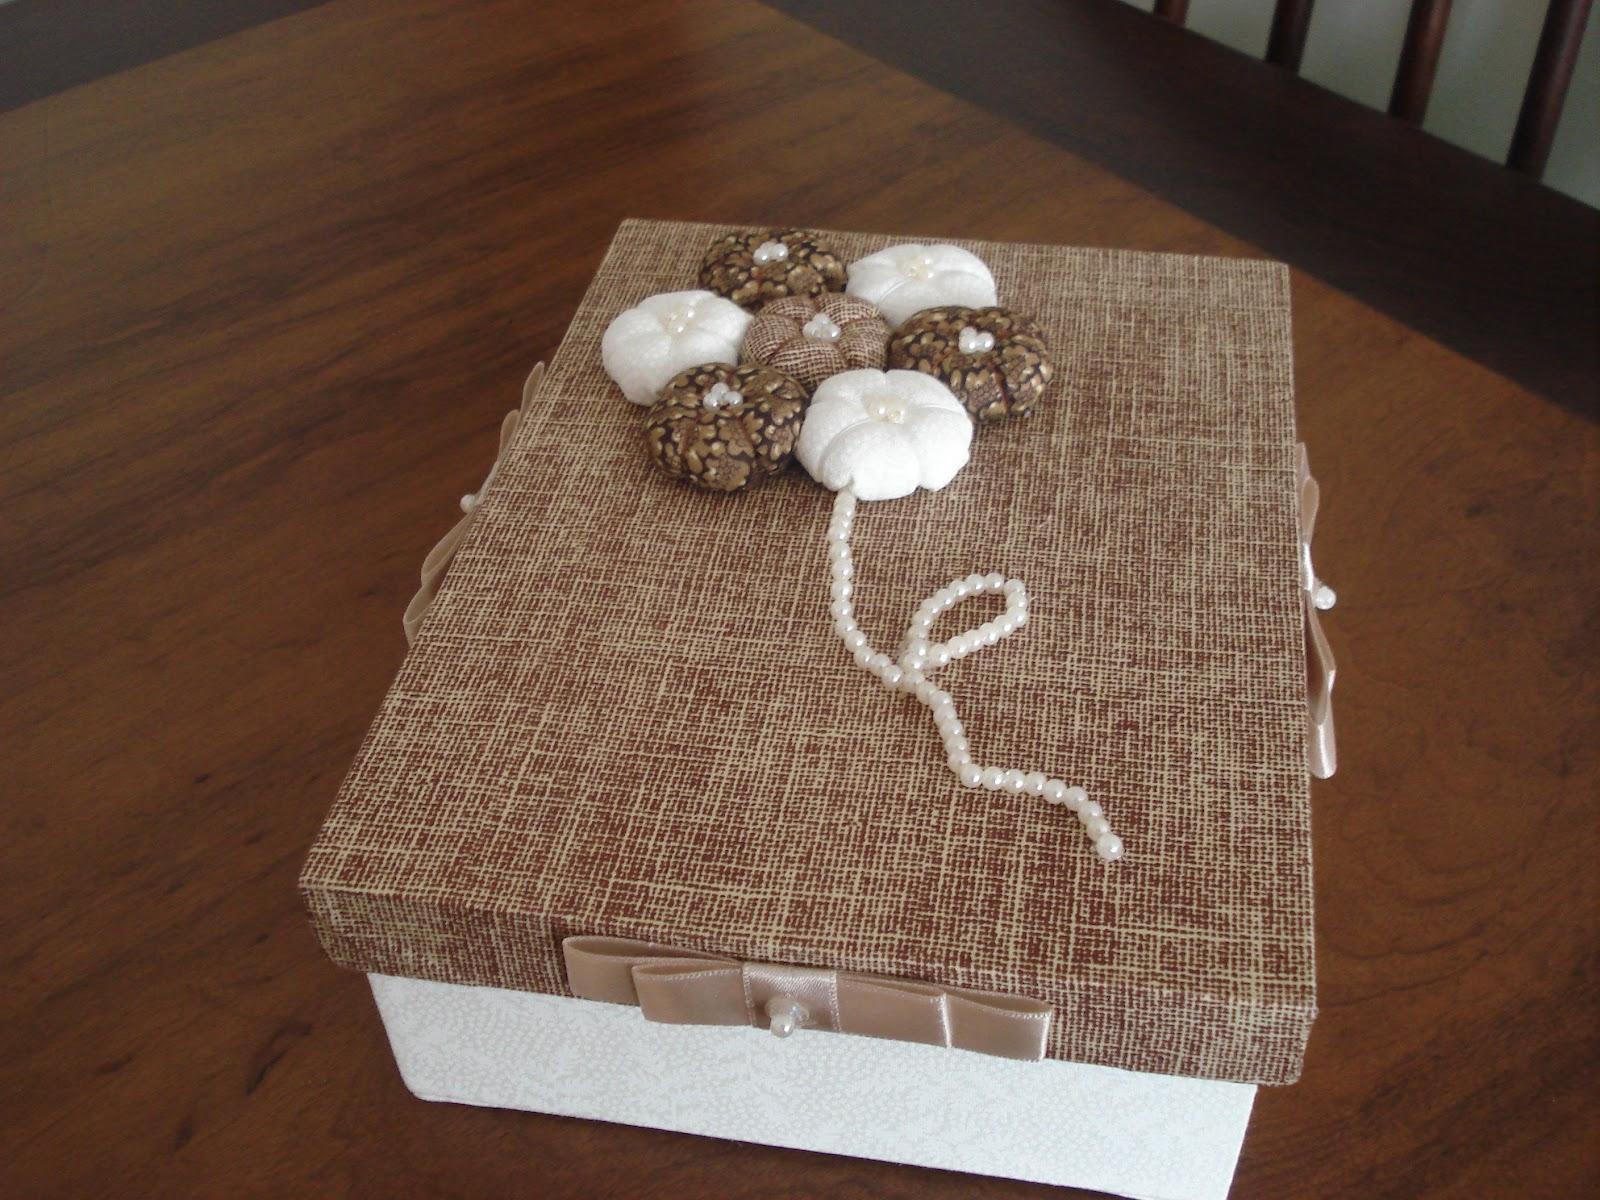 Caixa de madeira (MDF) forrada com tecido e decorada com flores de  #5D3C2A 1600x1200